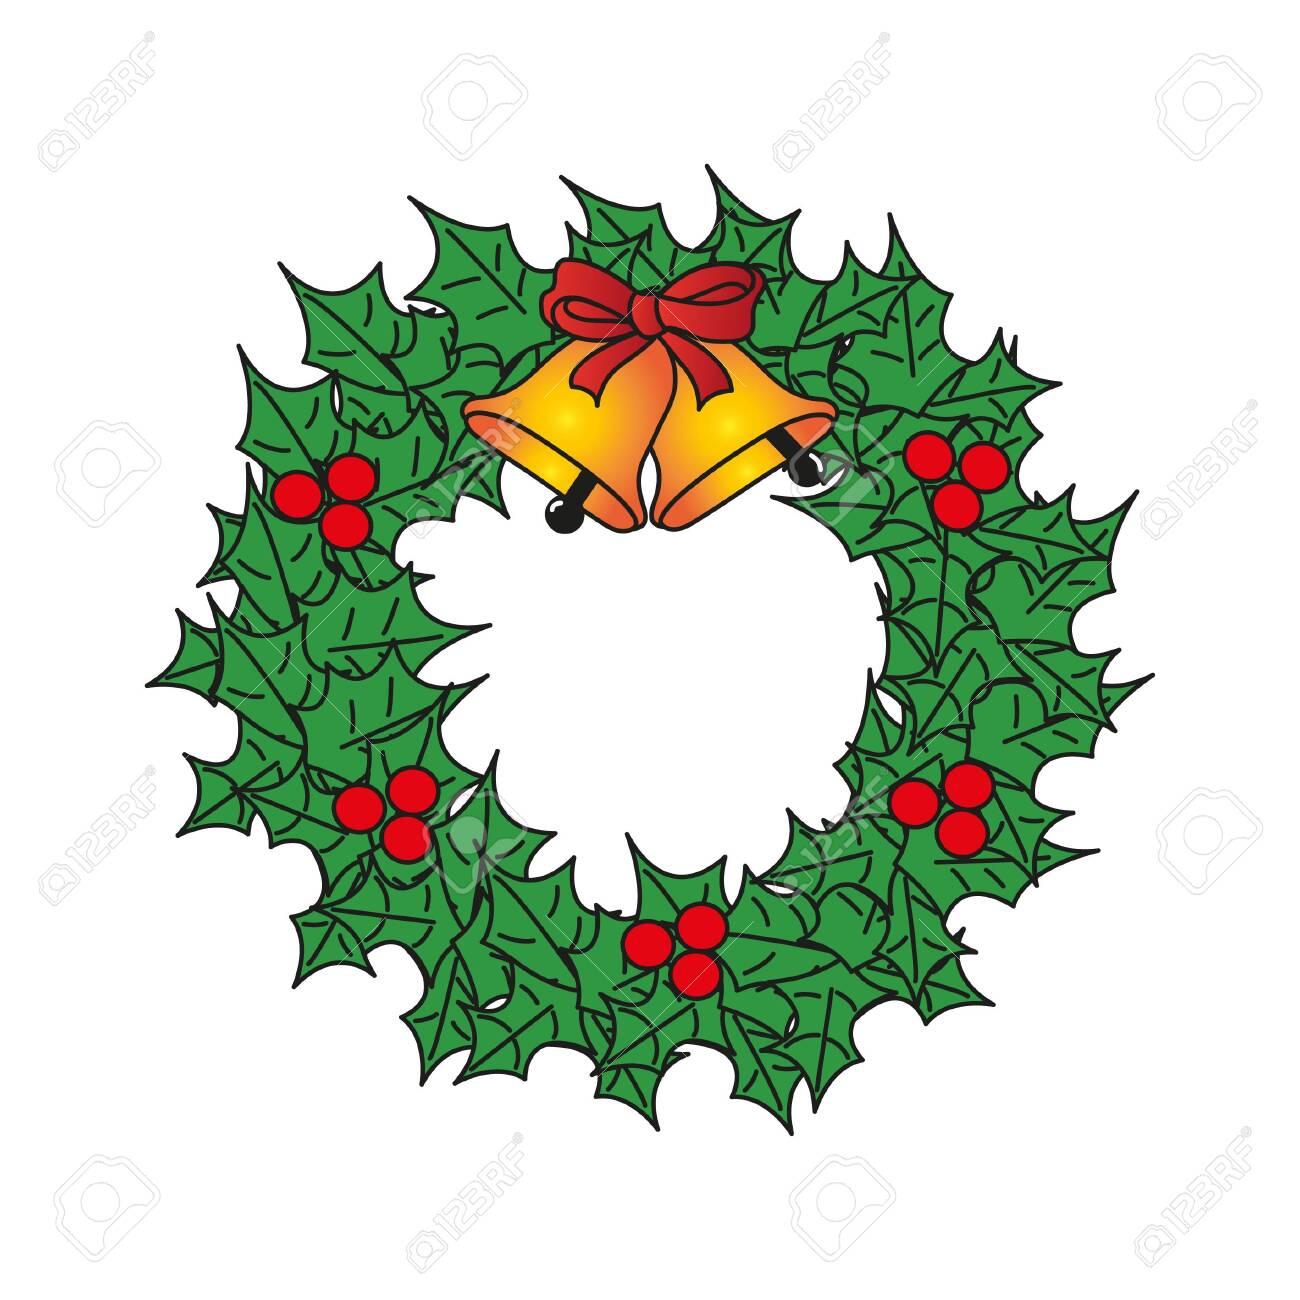 christmas wreath vector - 140456554